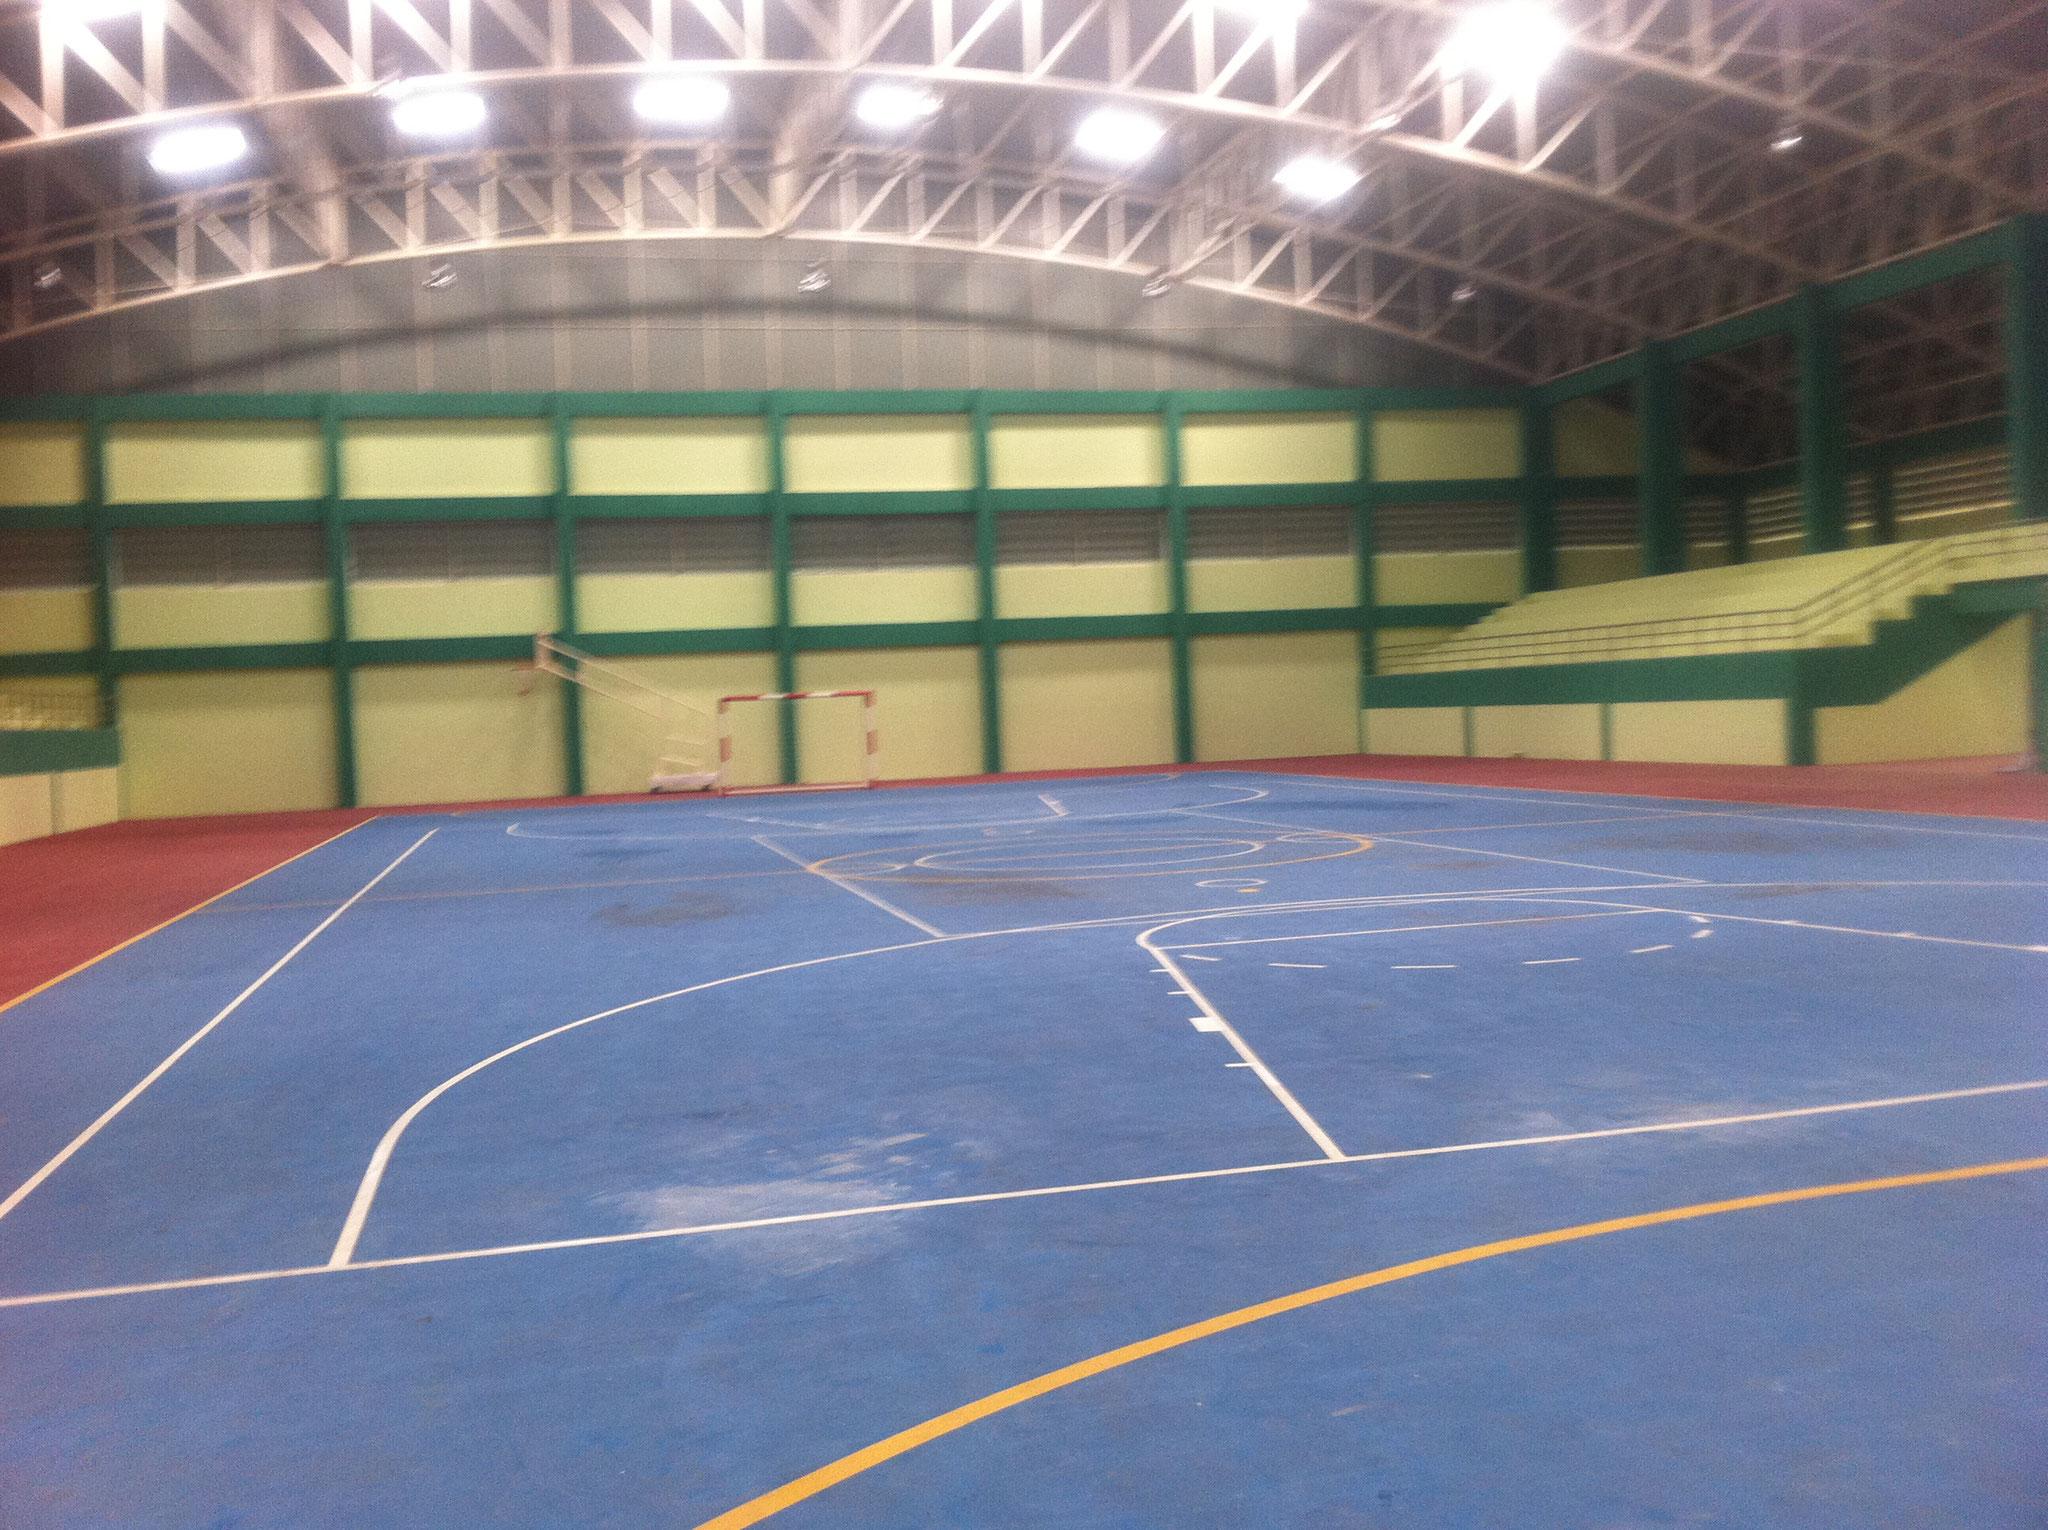 スポーツコンプレックス内屋内競技場